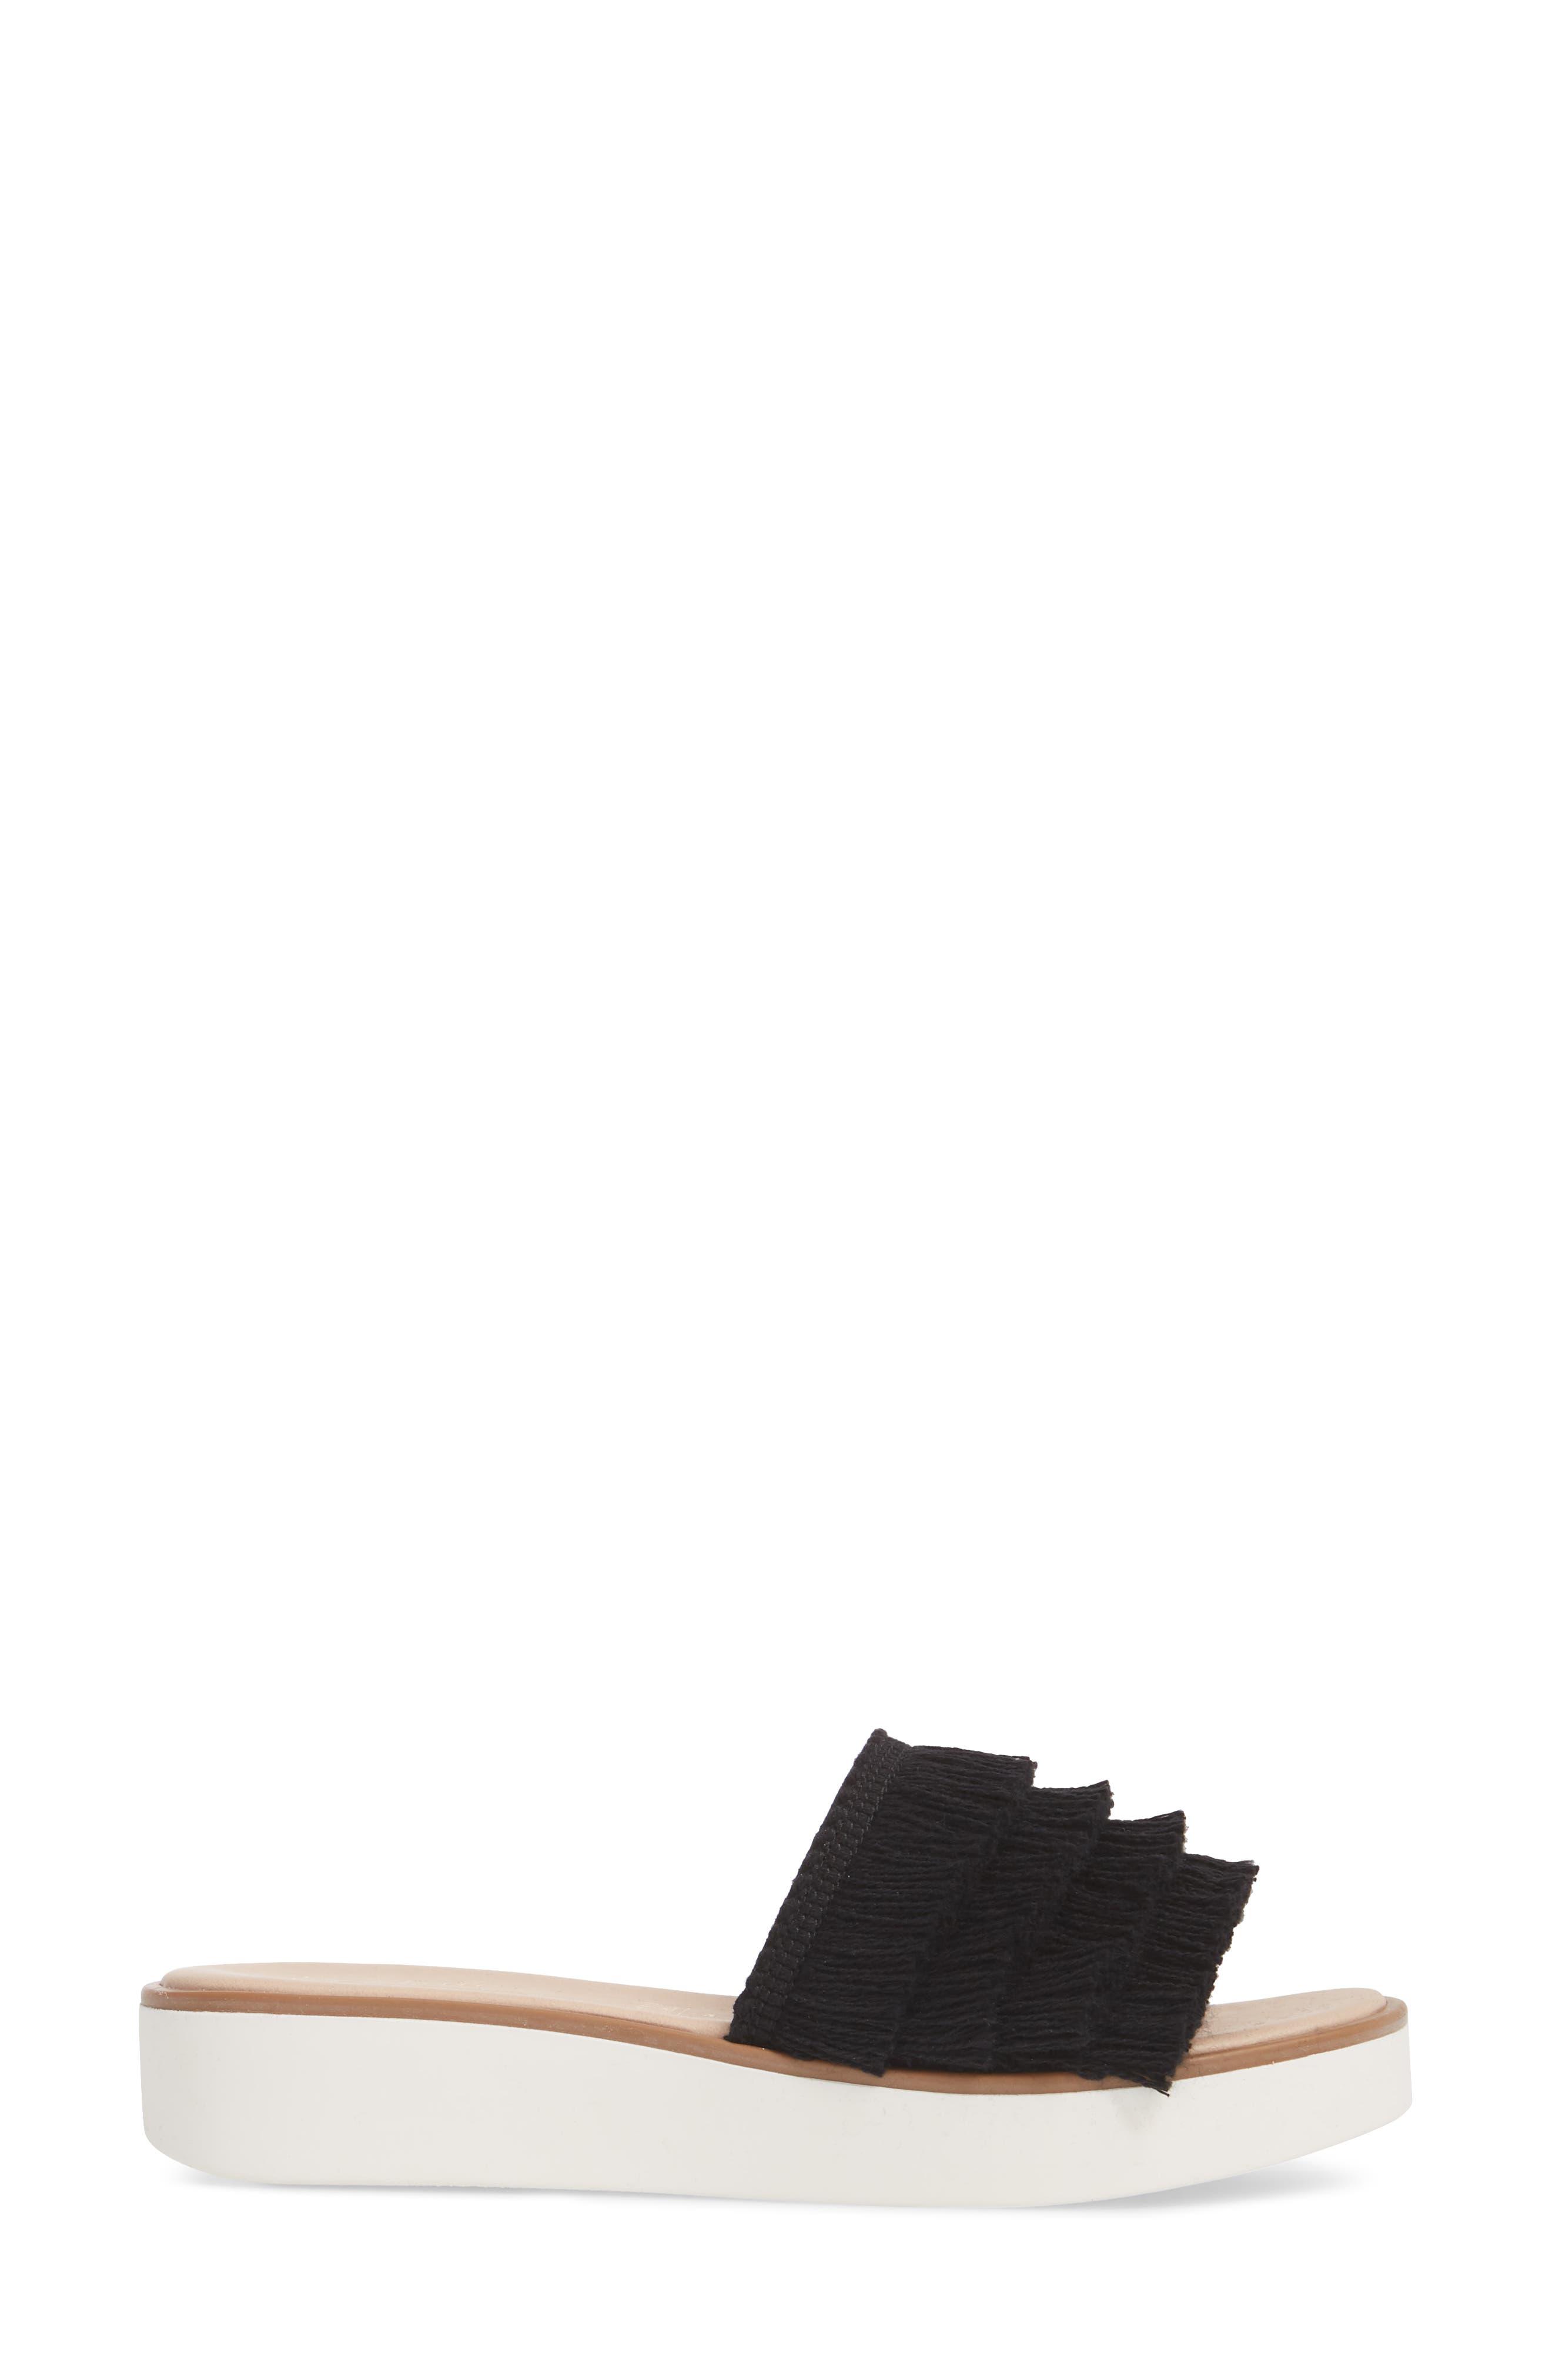 Well Rested Ruffle Slide Sandal,                             Alternate thumbnail 3, color,                             001